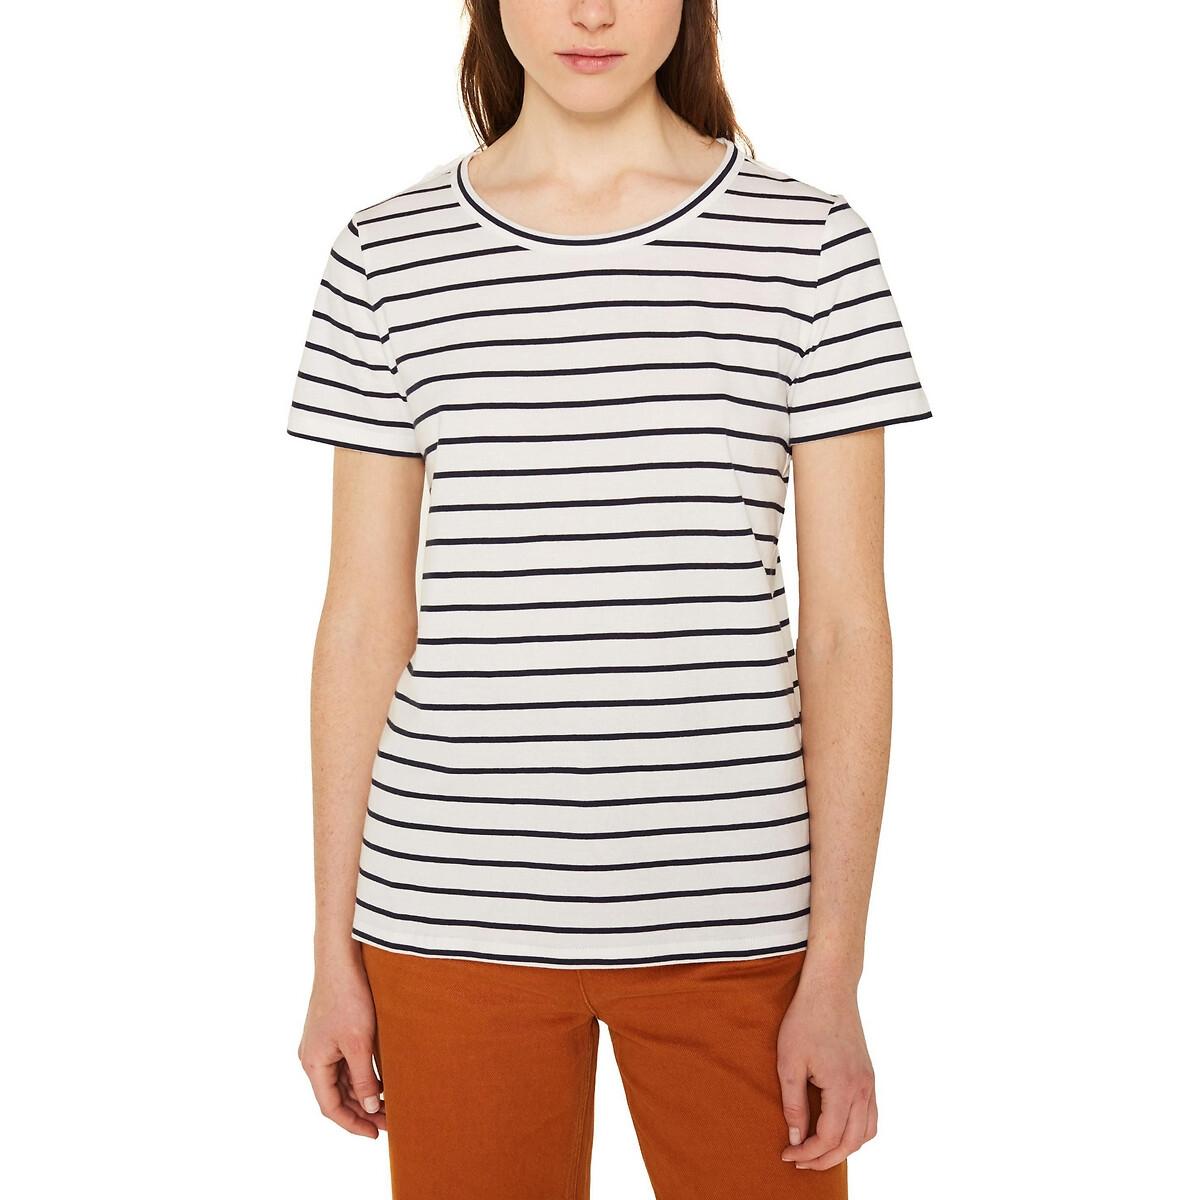 Camiseta de manga corta estilo marinero, de algodón orgánico